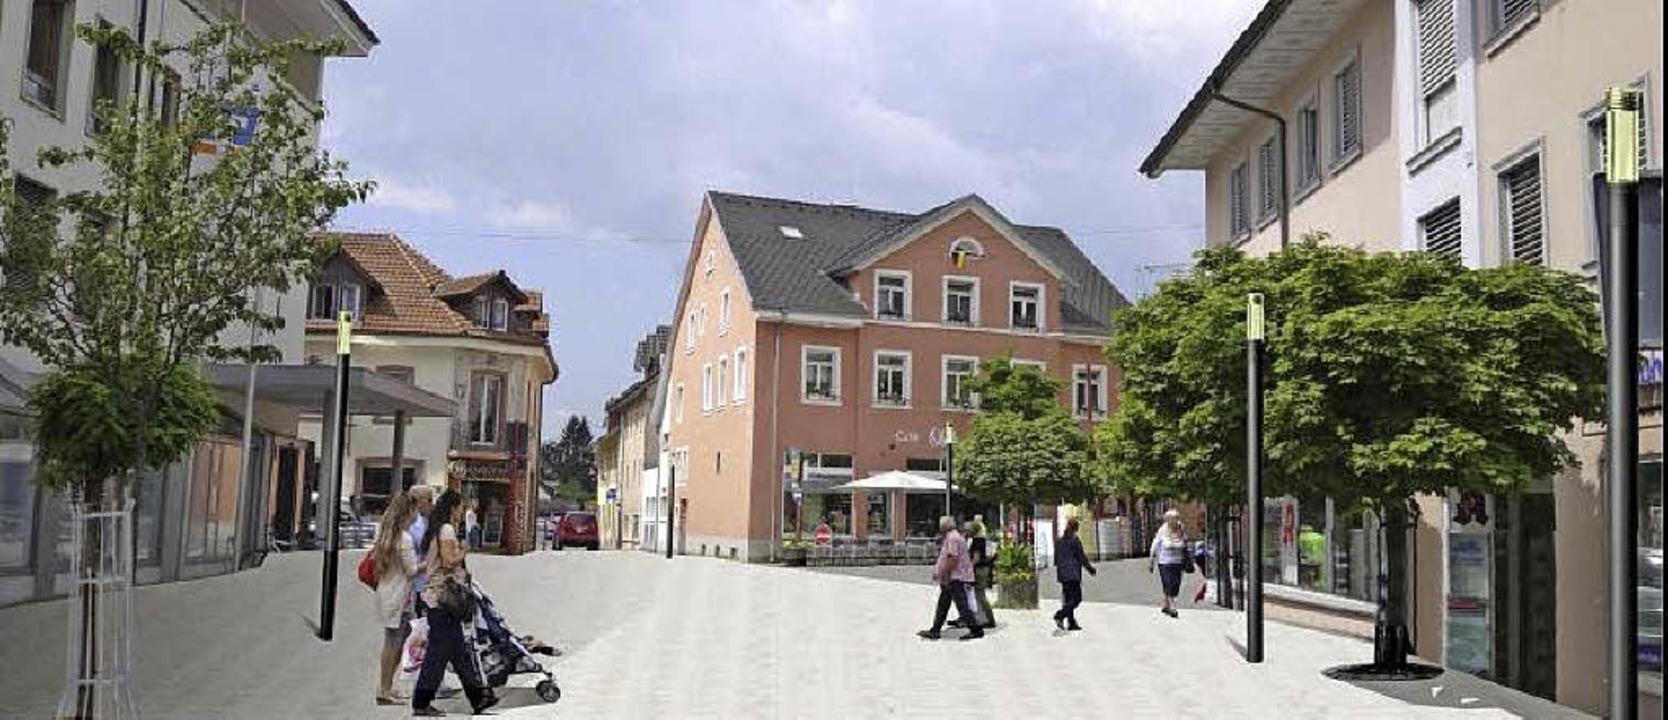 Eine verlängerte Fußgängerzone steht i...soll zeigen, wie das aussehen könnte.     Foto: Planungsgruppe Kölz